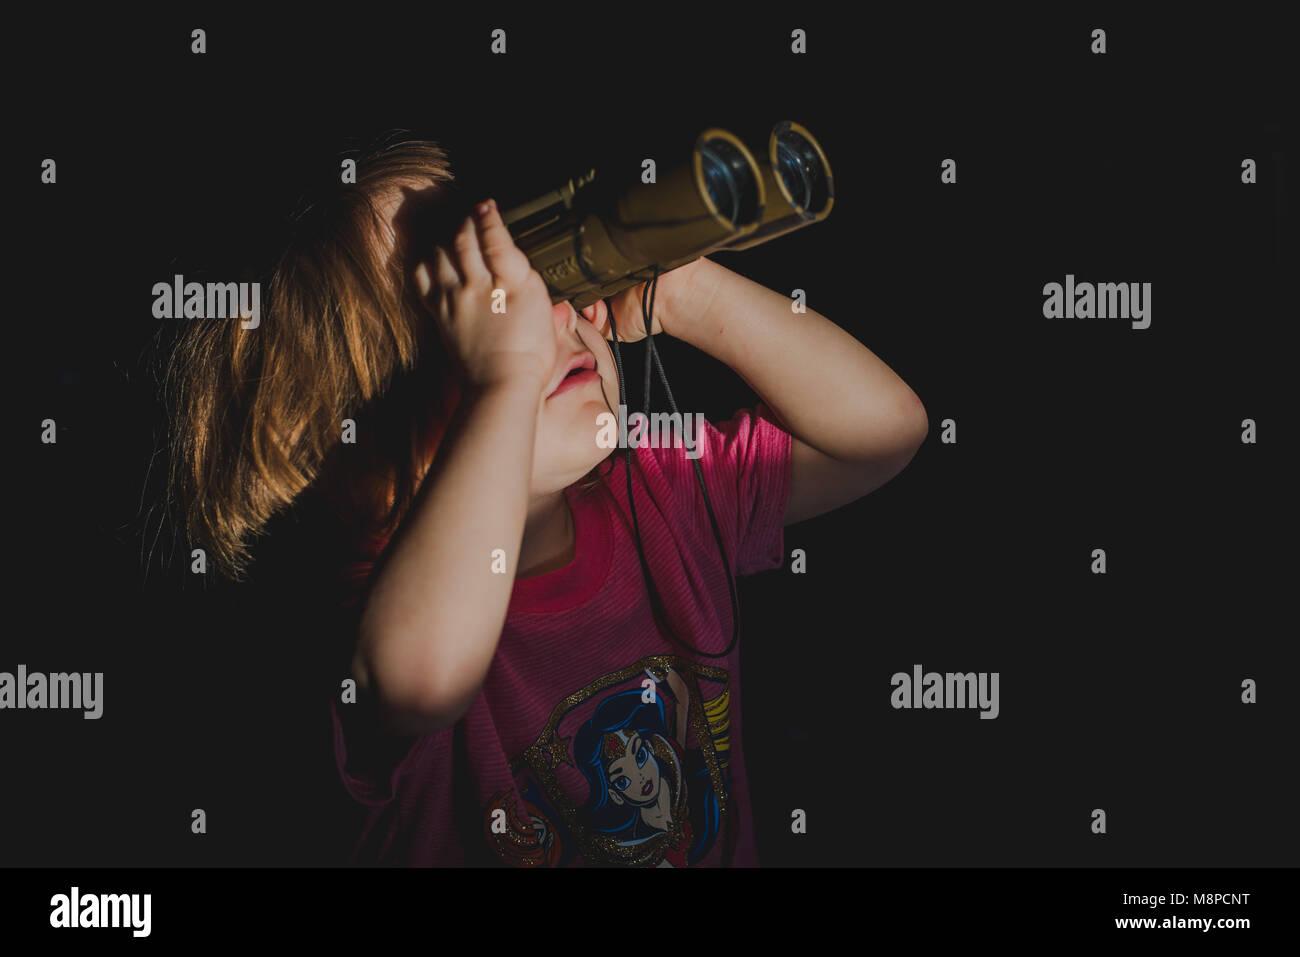 Un joven niño niña mirando a través de binoculares. Imagen De Stock